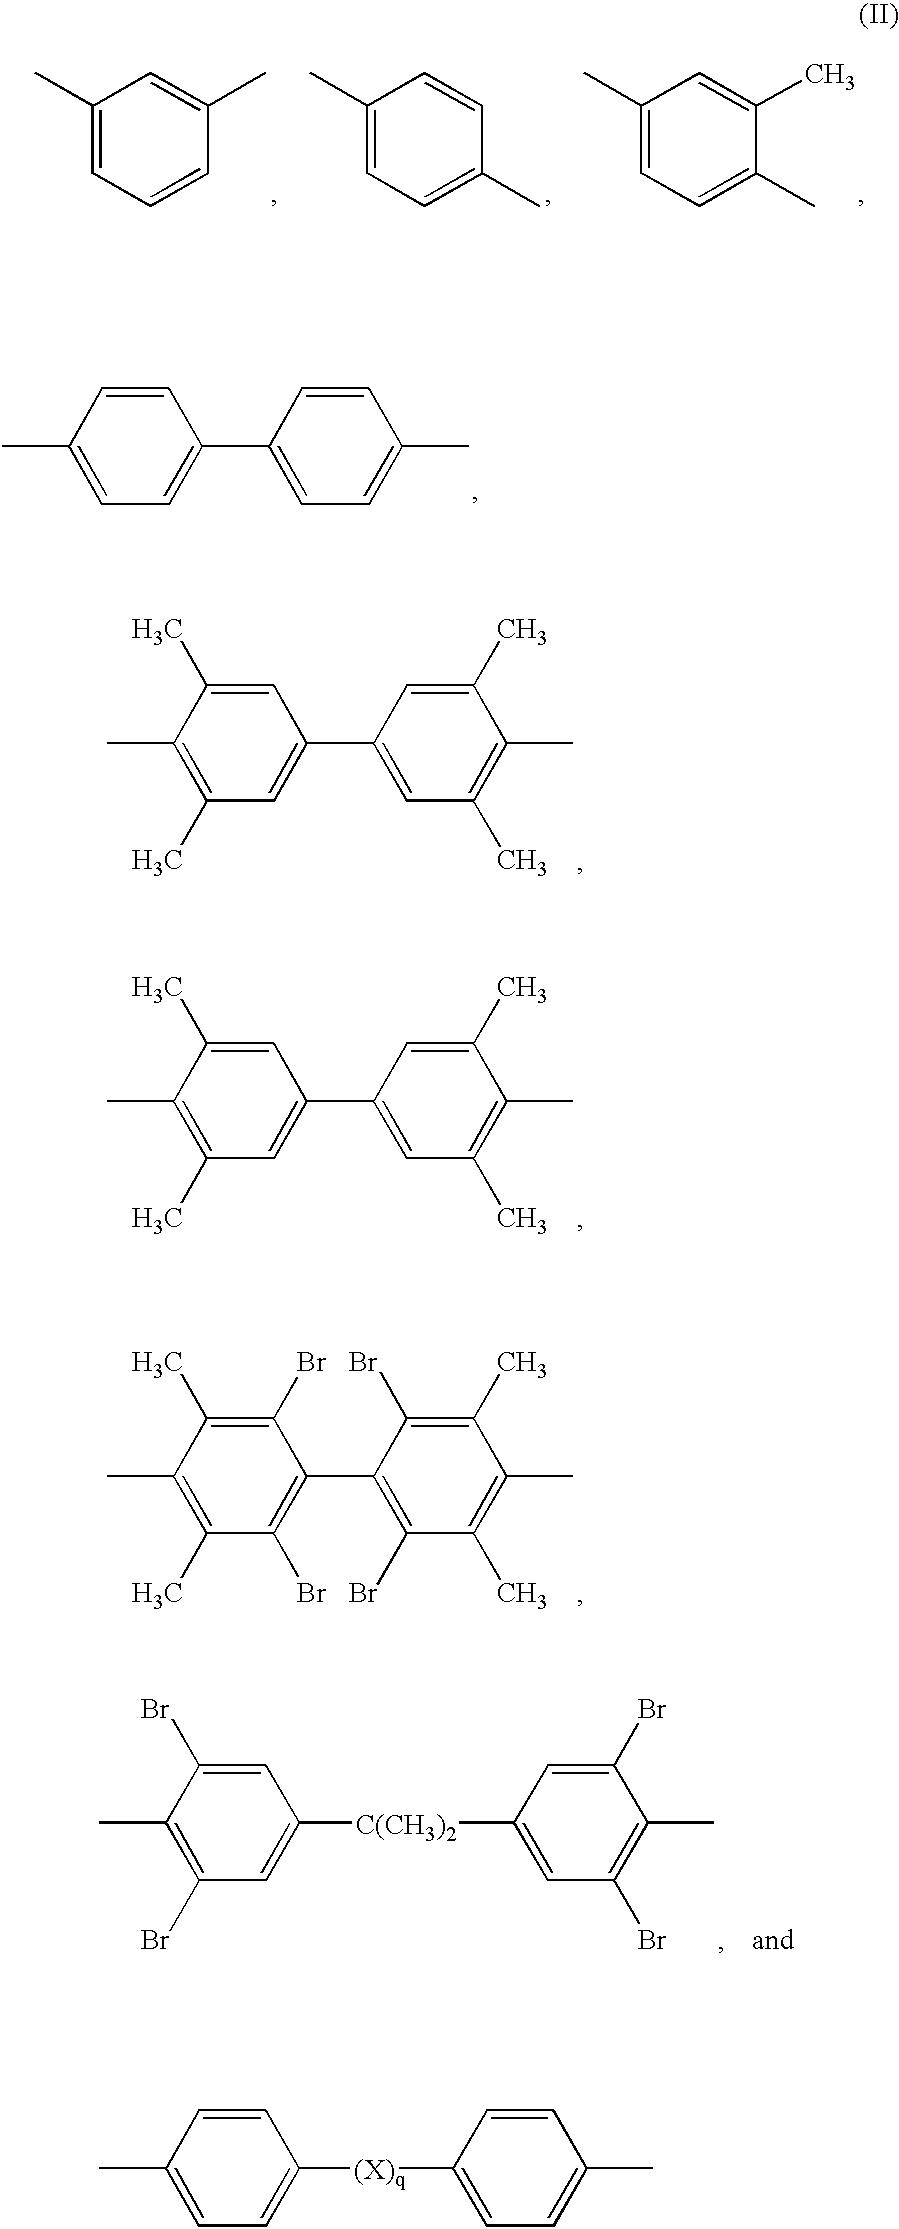 Figure US06753365-20040622-C00014